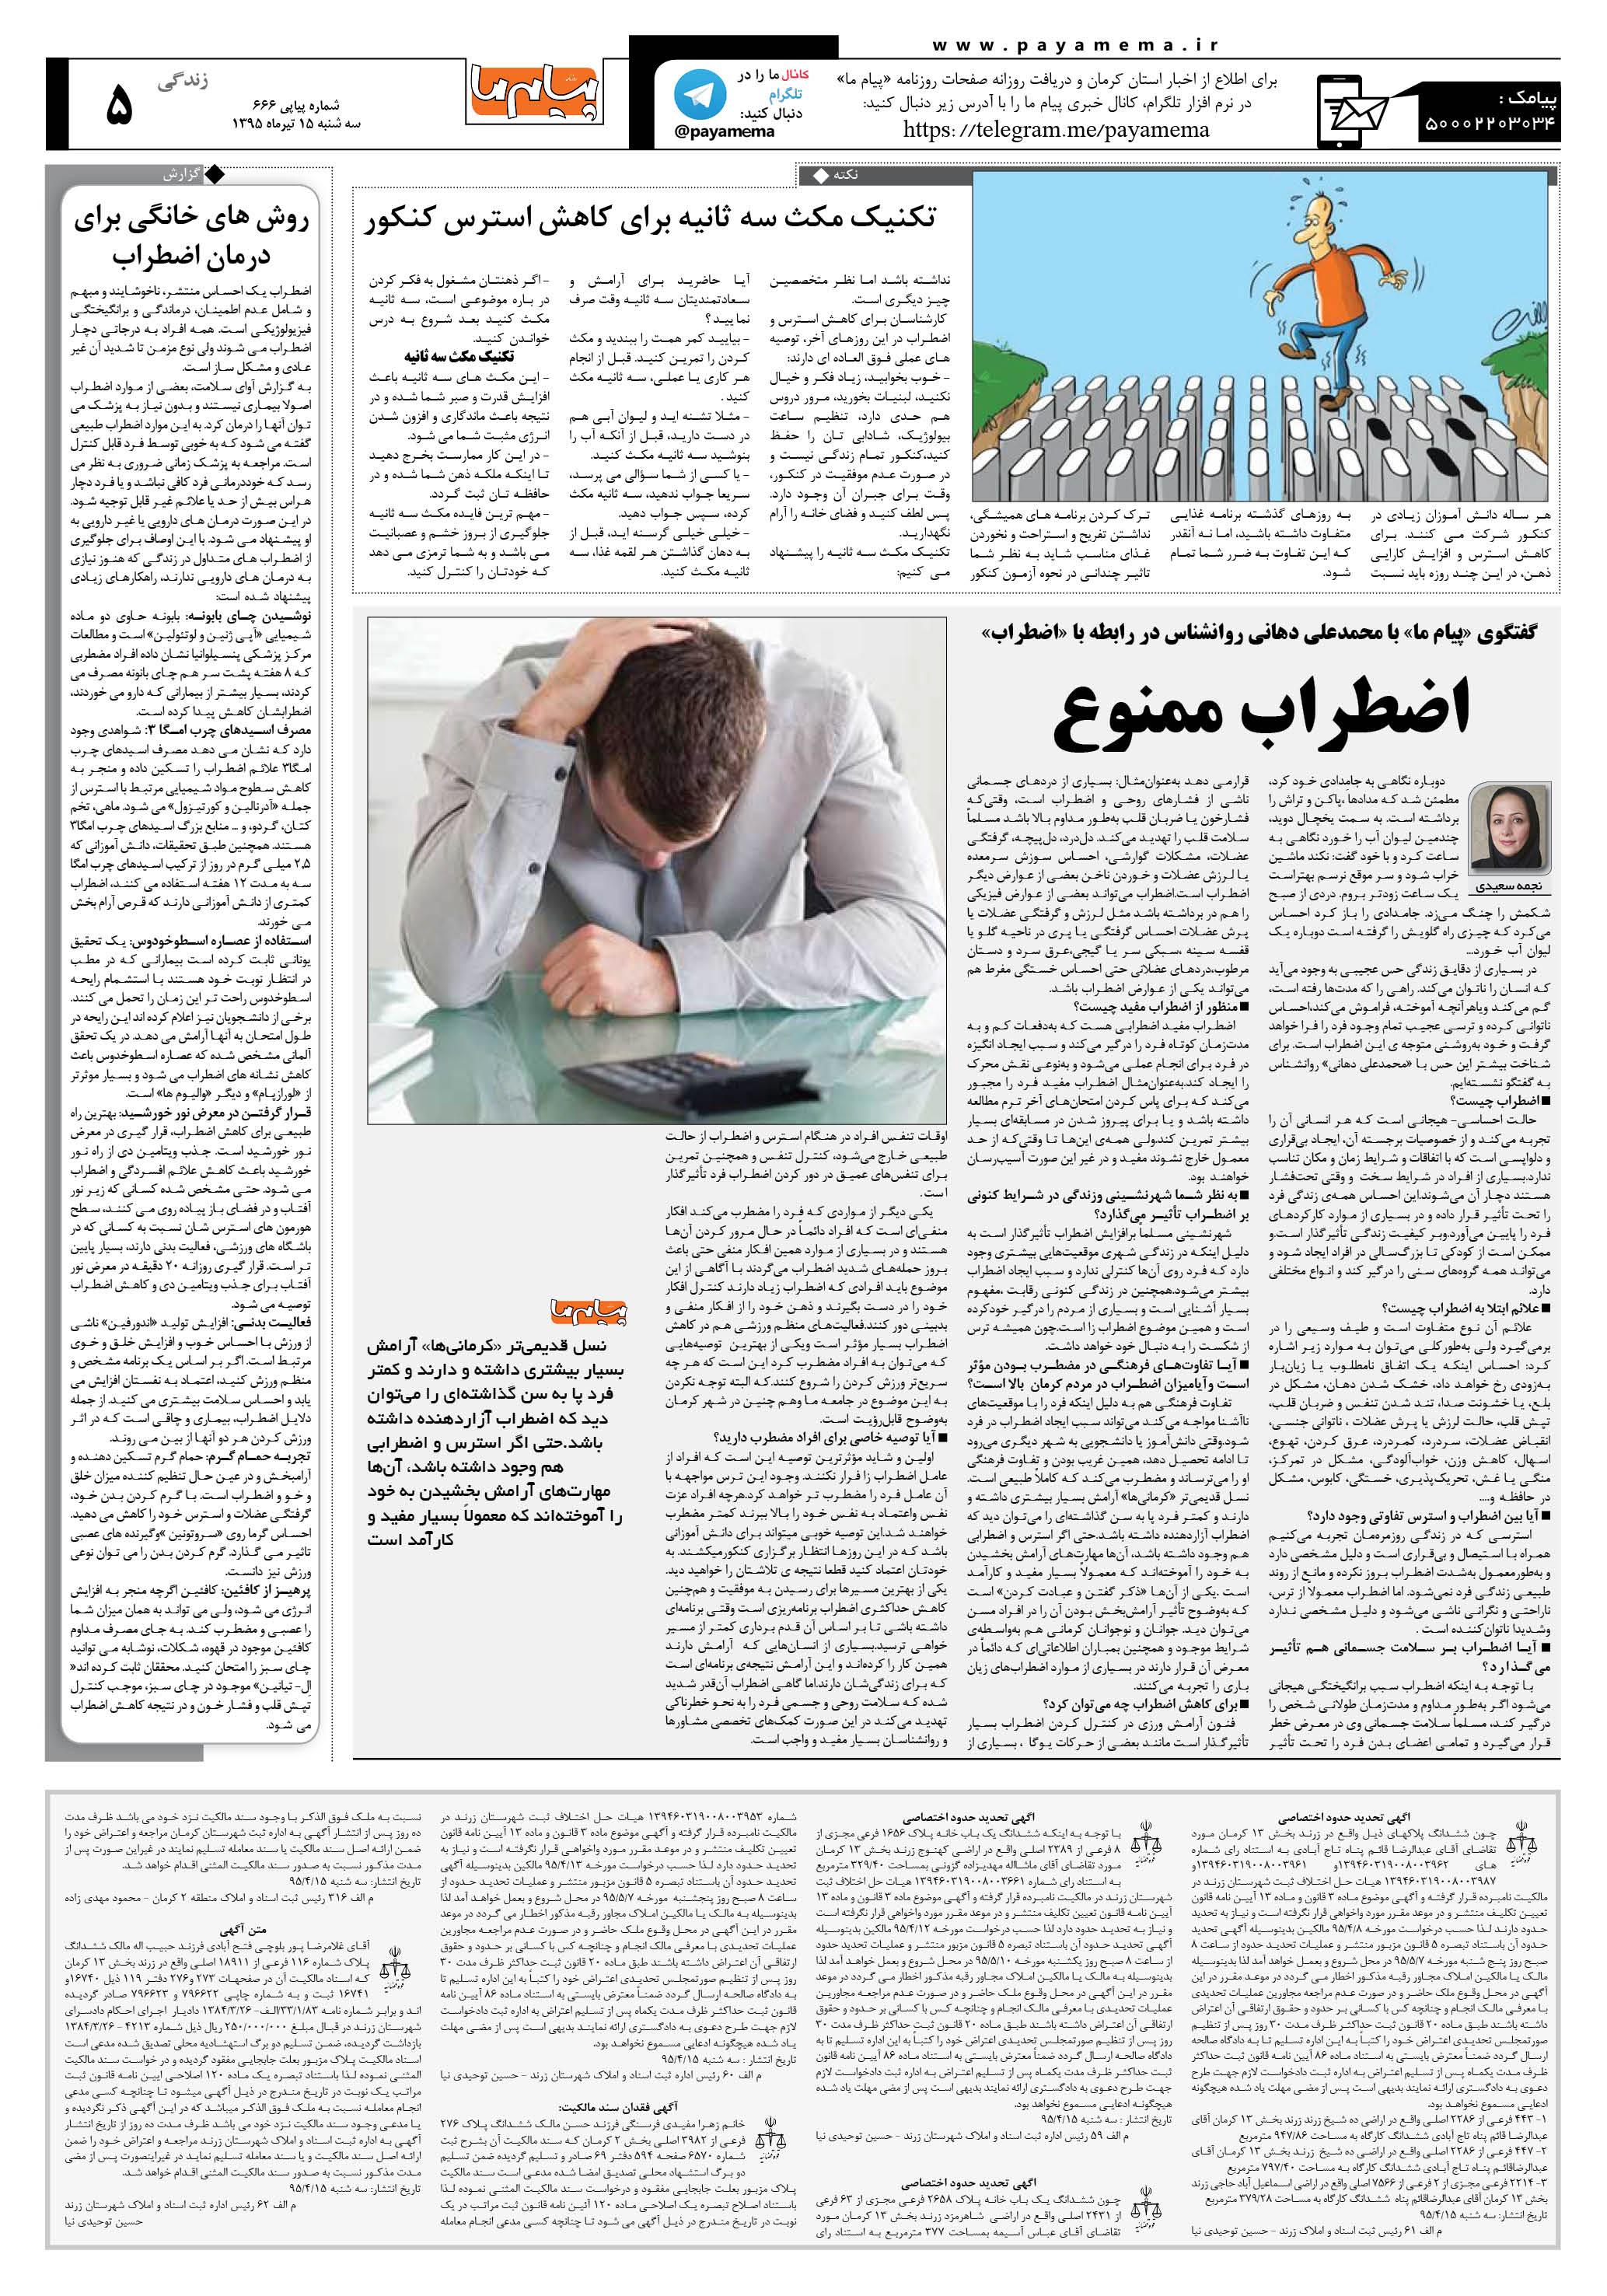 صفحه زندگی شماره ۶۶۶ روزنامه پیام ما